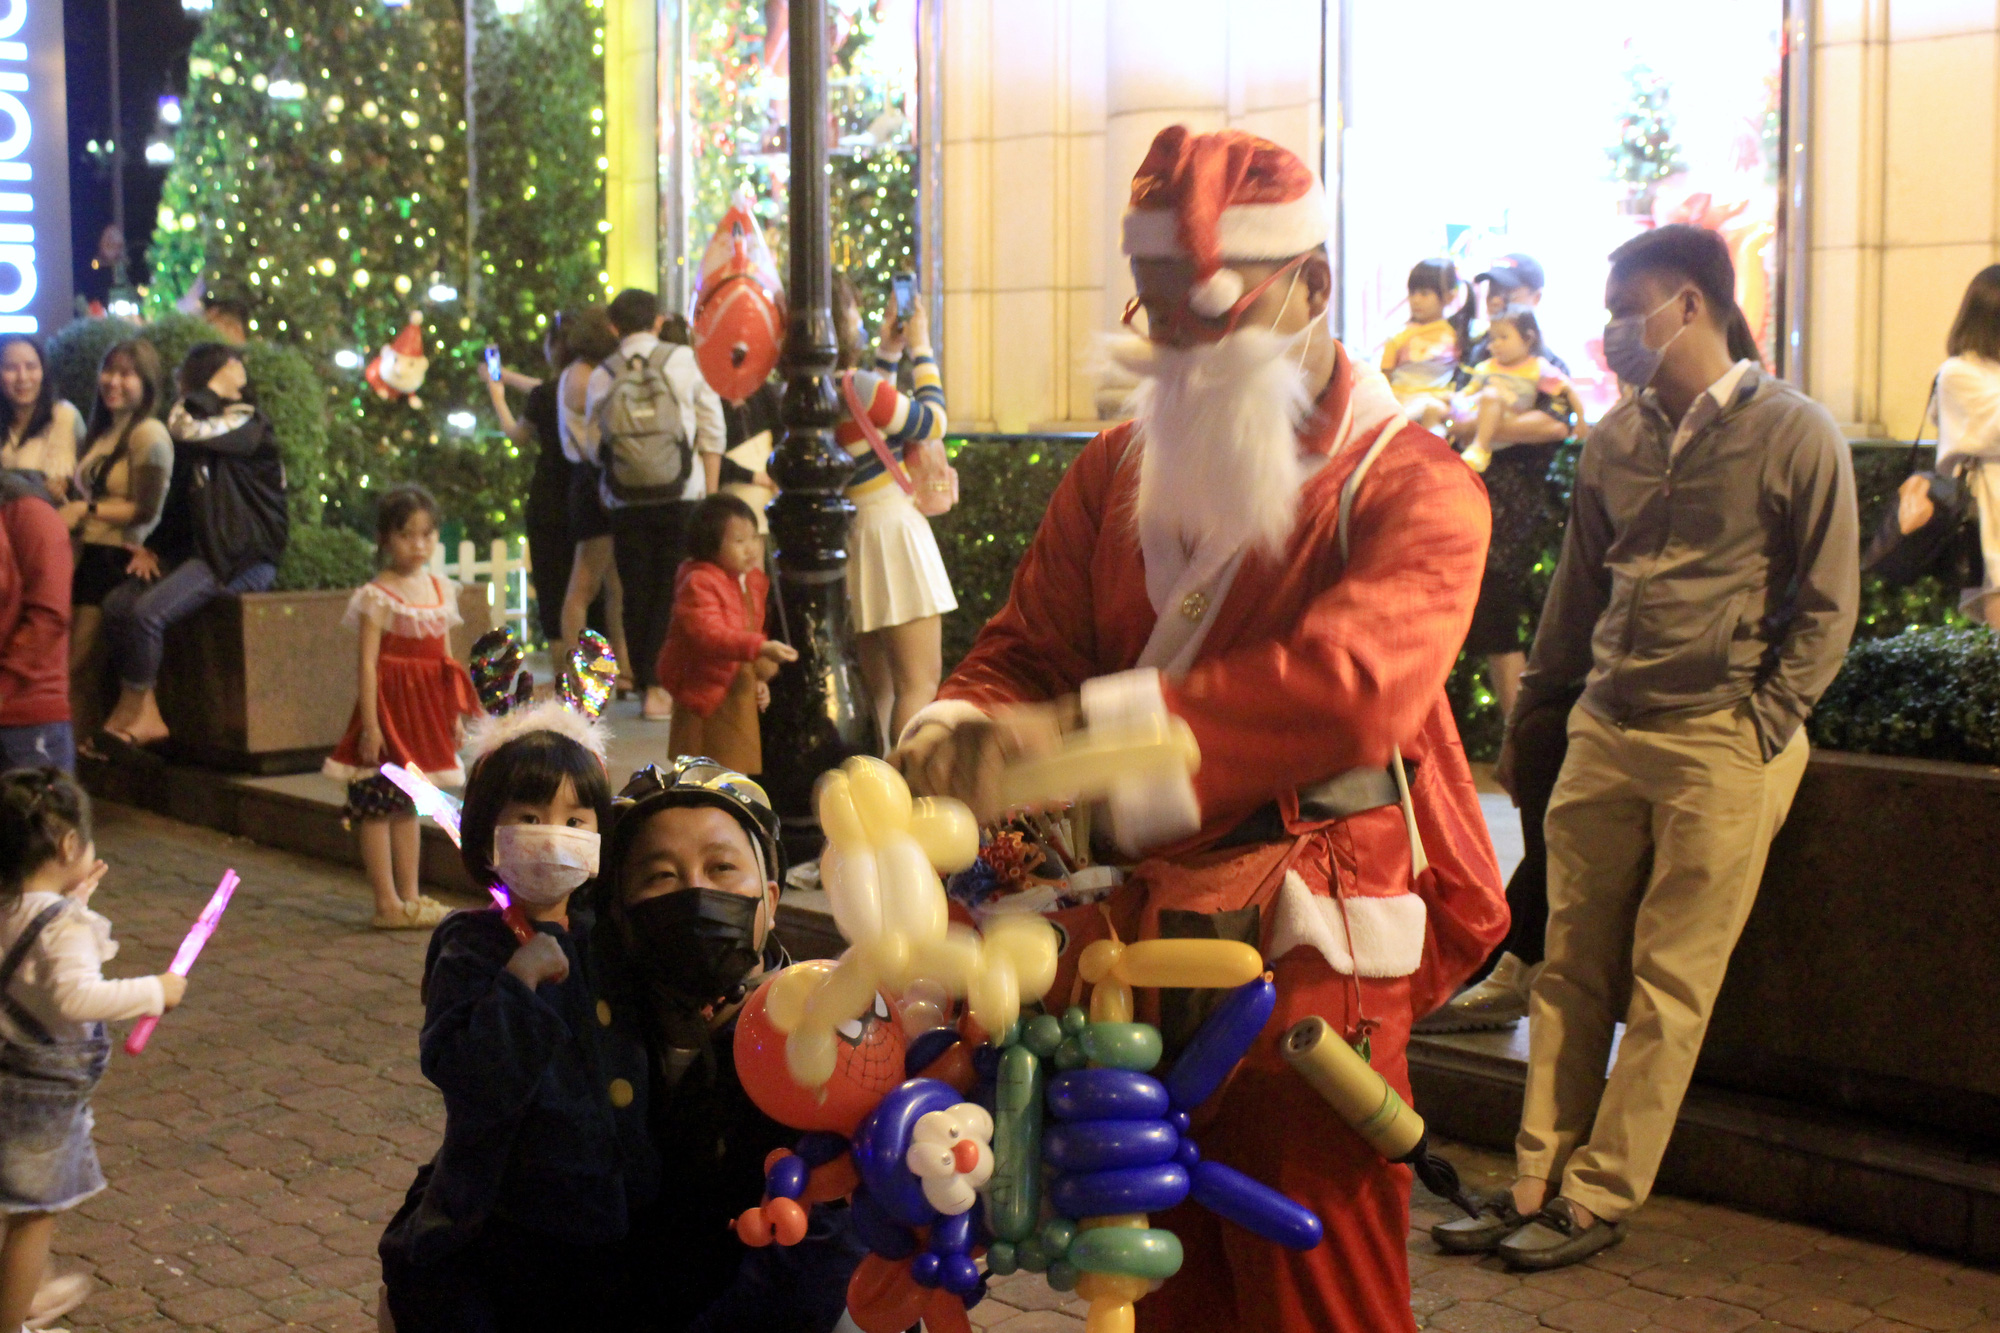 Đường Sài Gòn tắc nghẽn, người dân đổ xô đi chơi Giáng sinh - Ảnh 13.